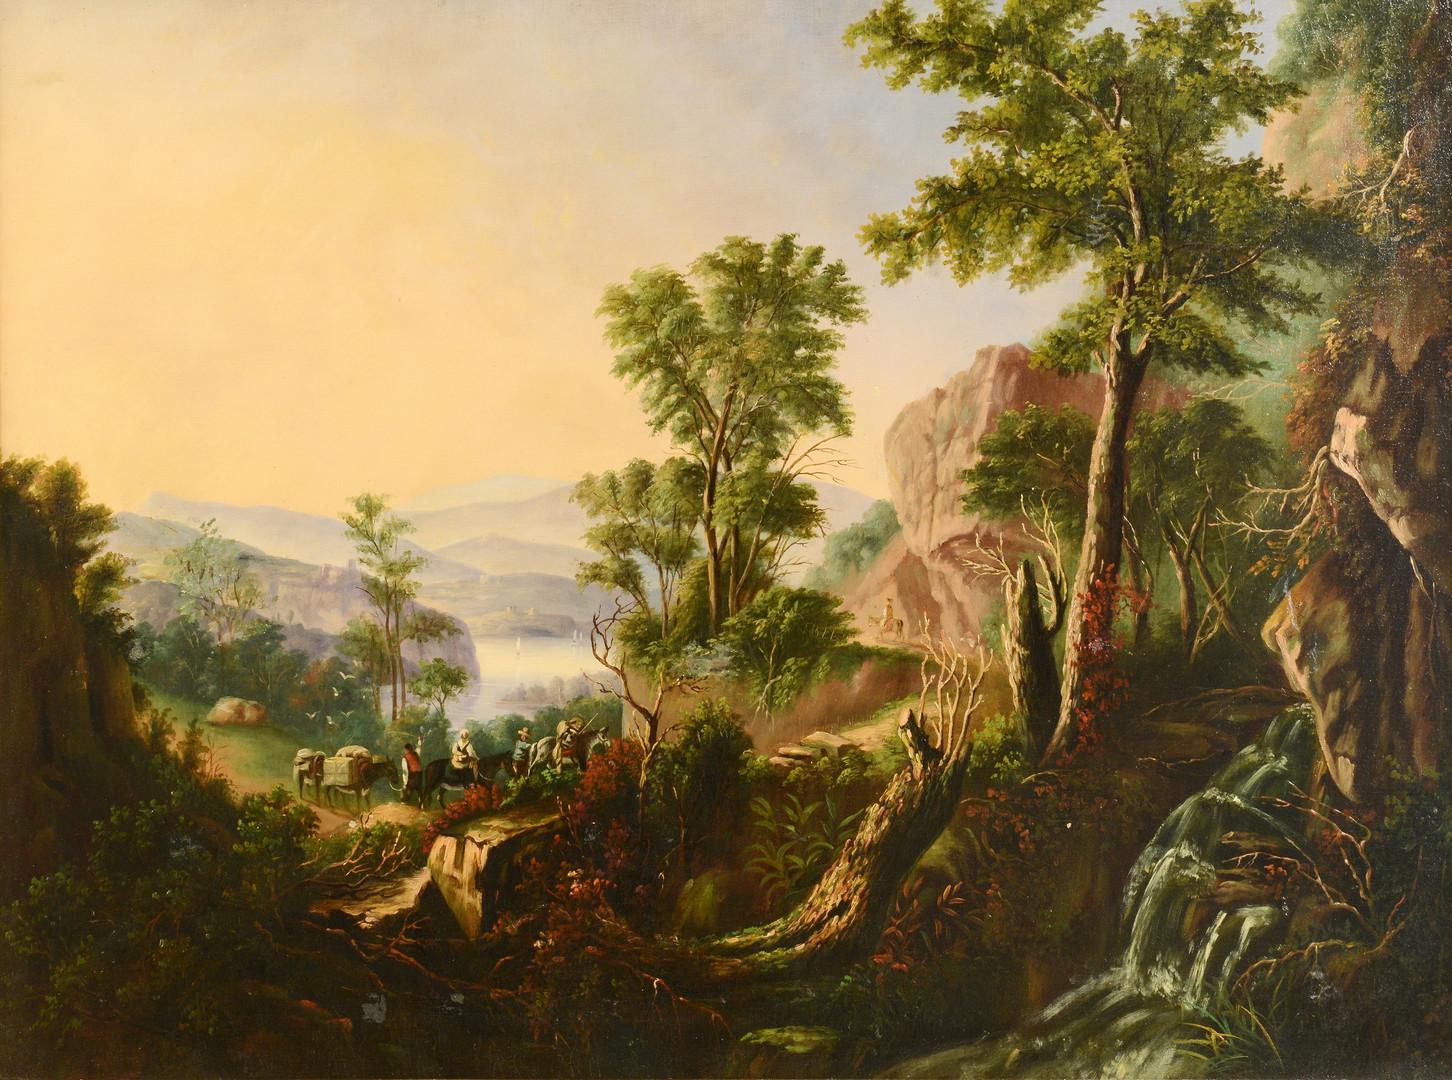 Lot 462: Large Hudson River landscape